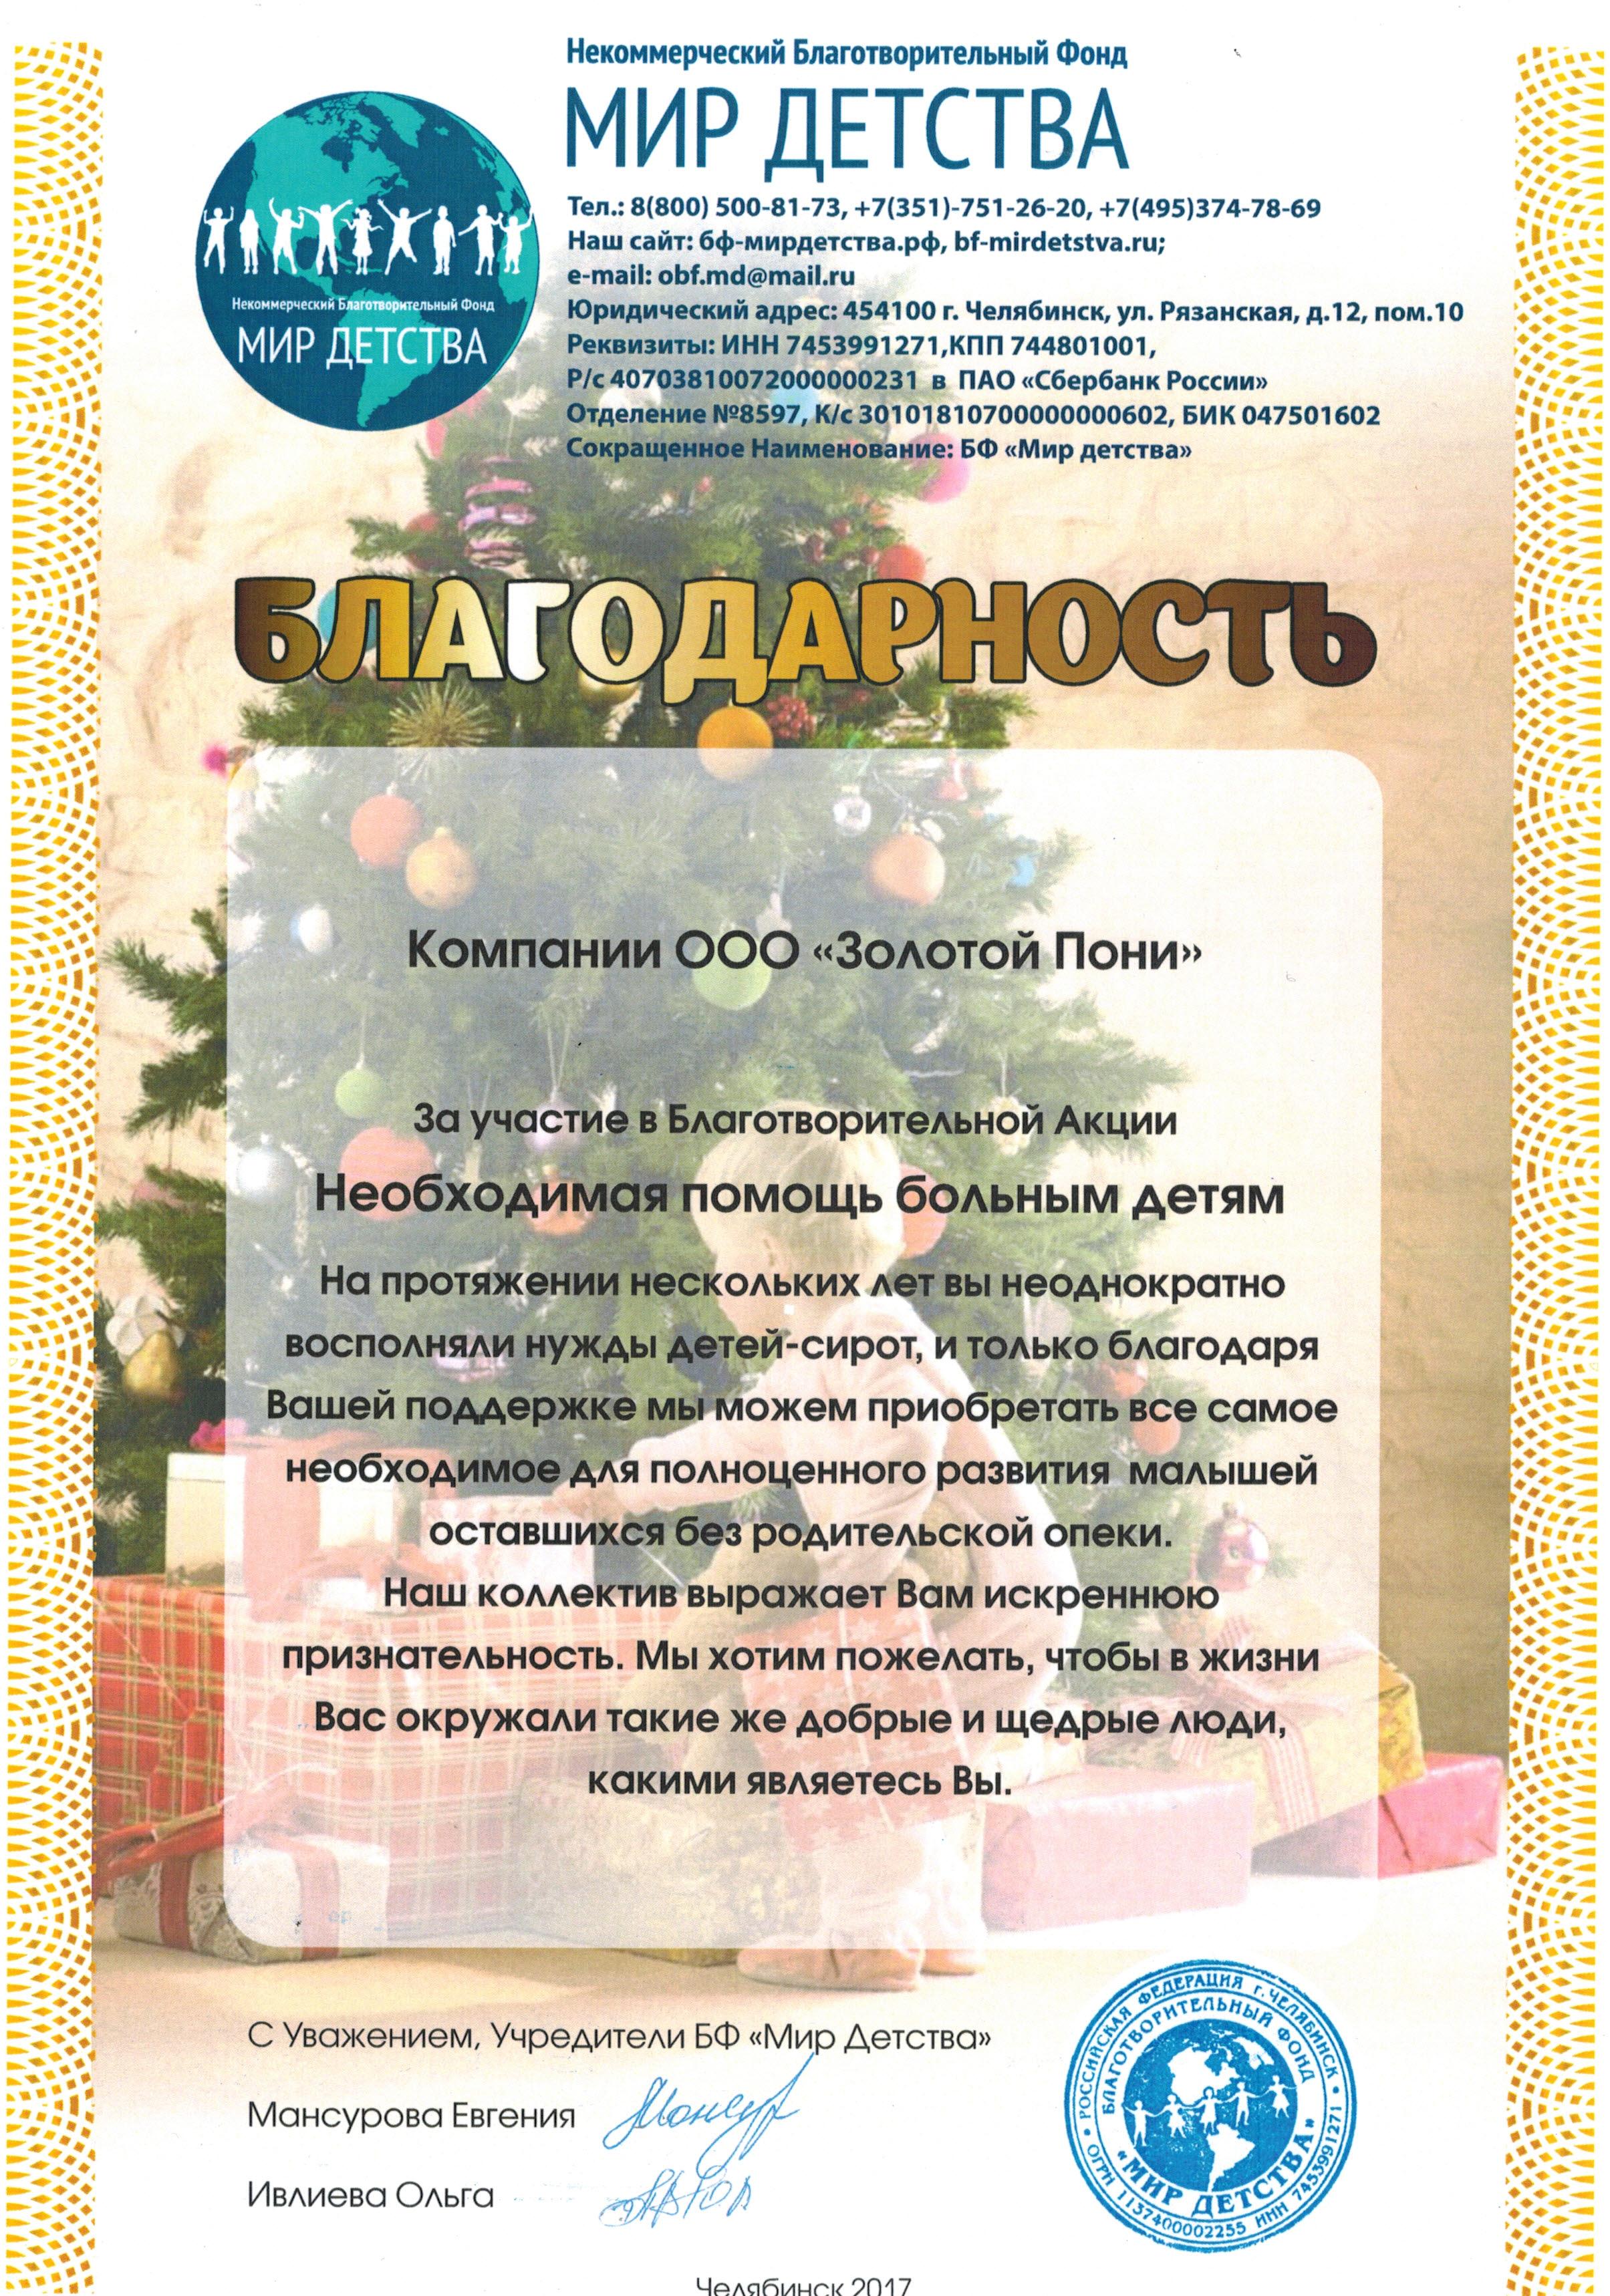 Золотой_пони_2017.jpg